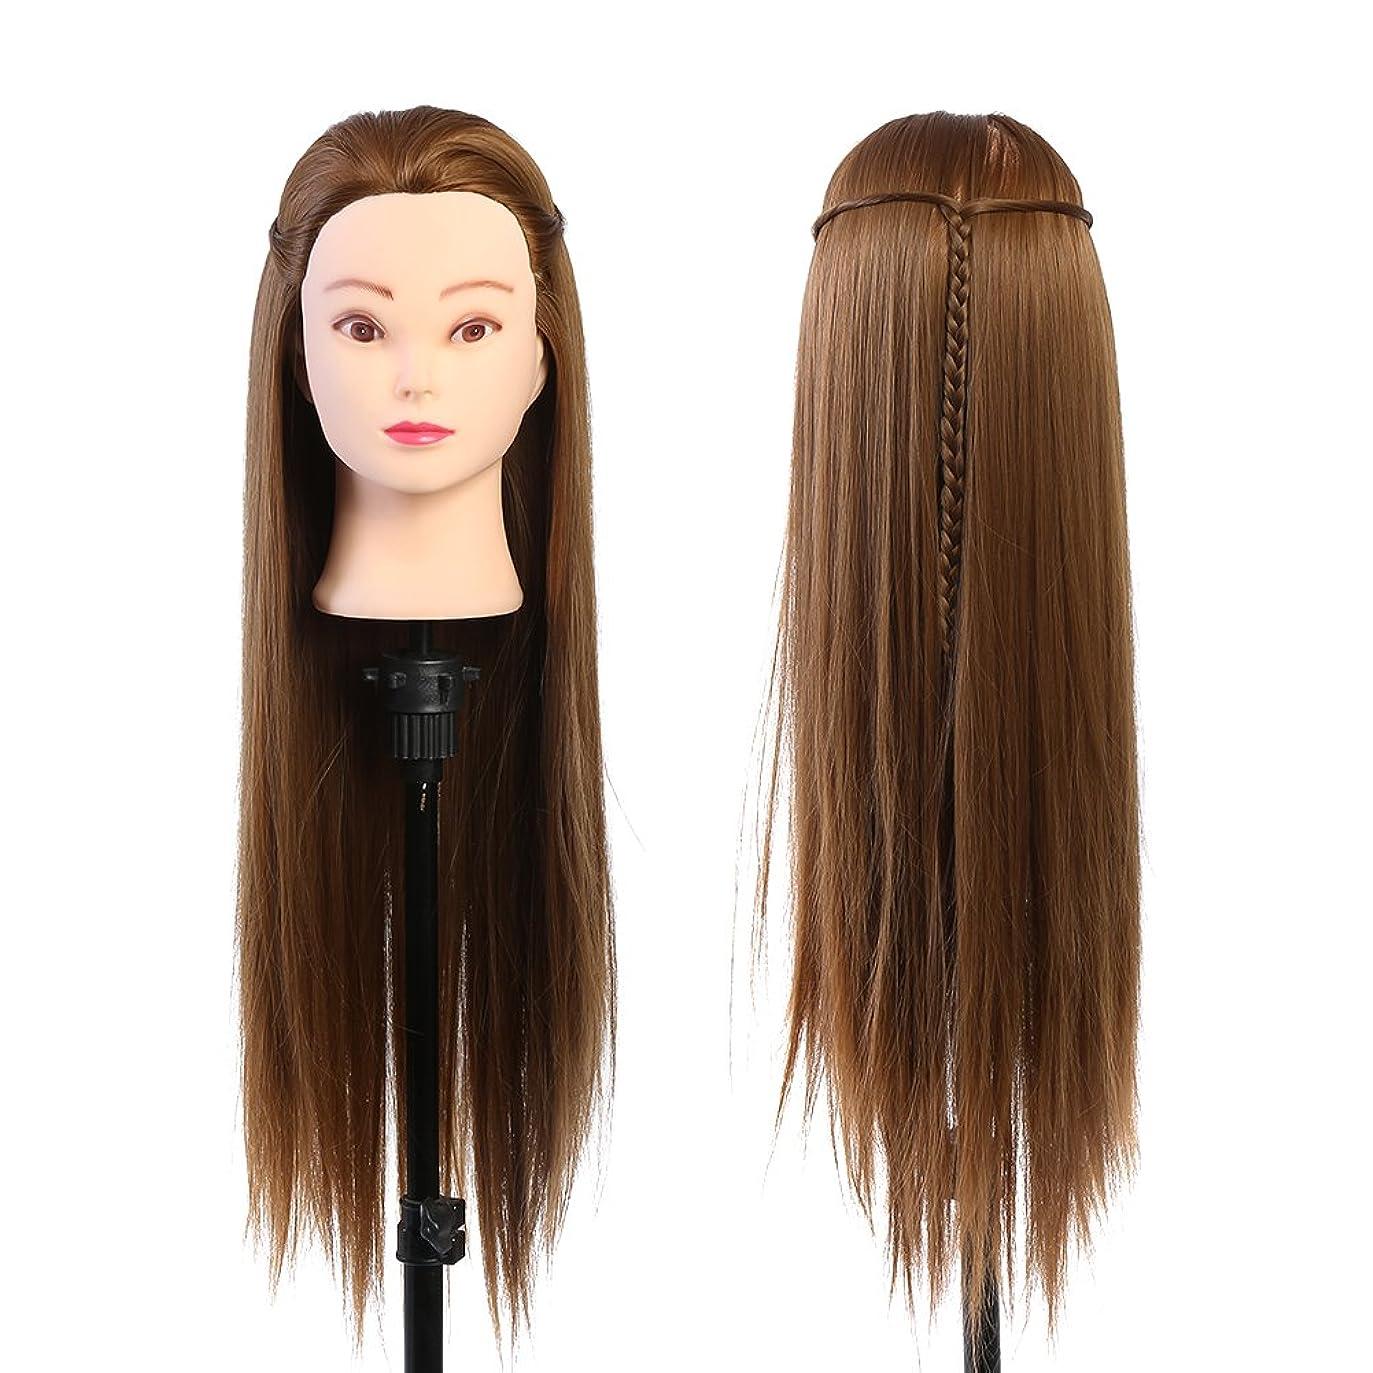 成功改修囲むメイクアップマネキンヘッド美容師のトレーニングヘッド美容師の人形頭のブロンドゴールデンブラウン